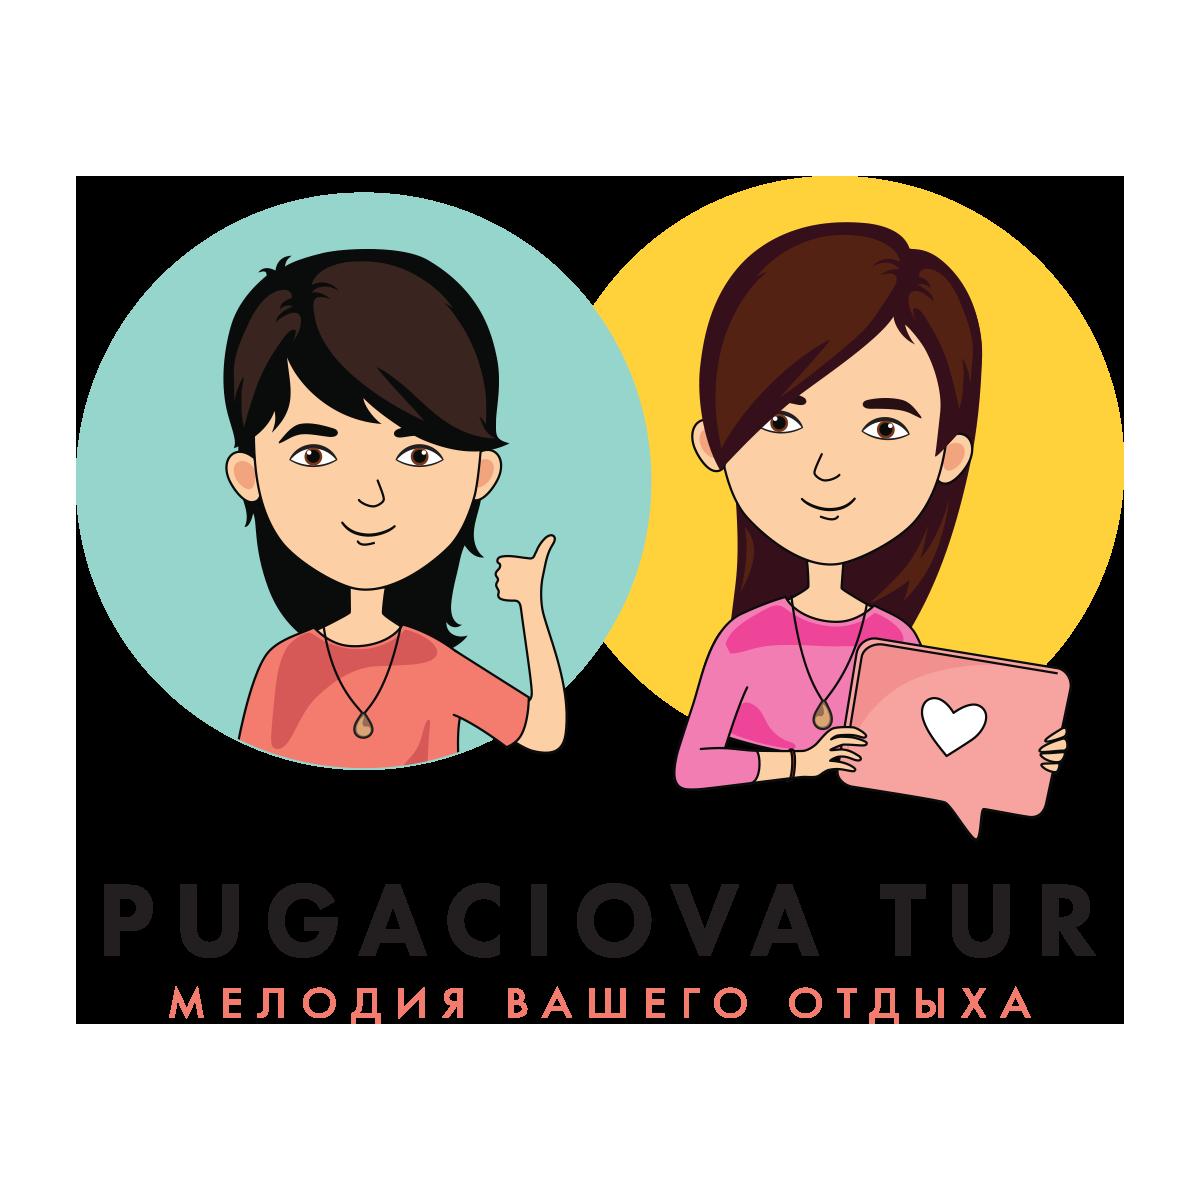 Pugaciova Tur Logo